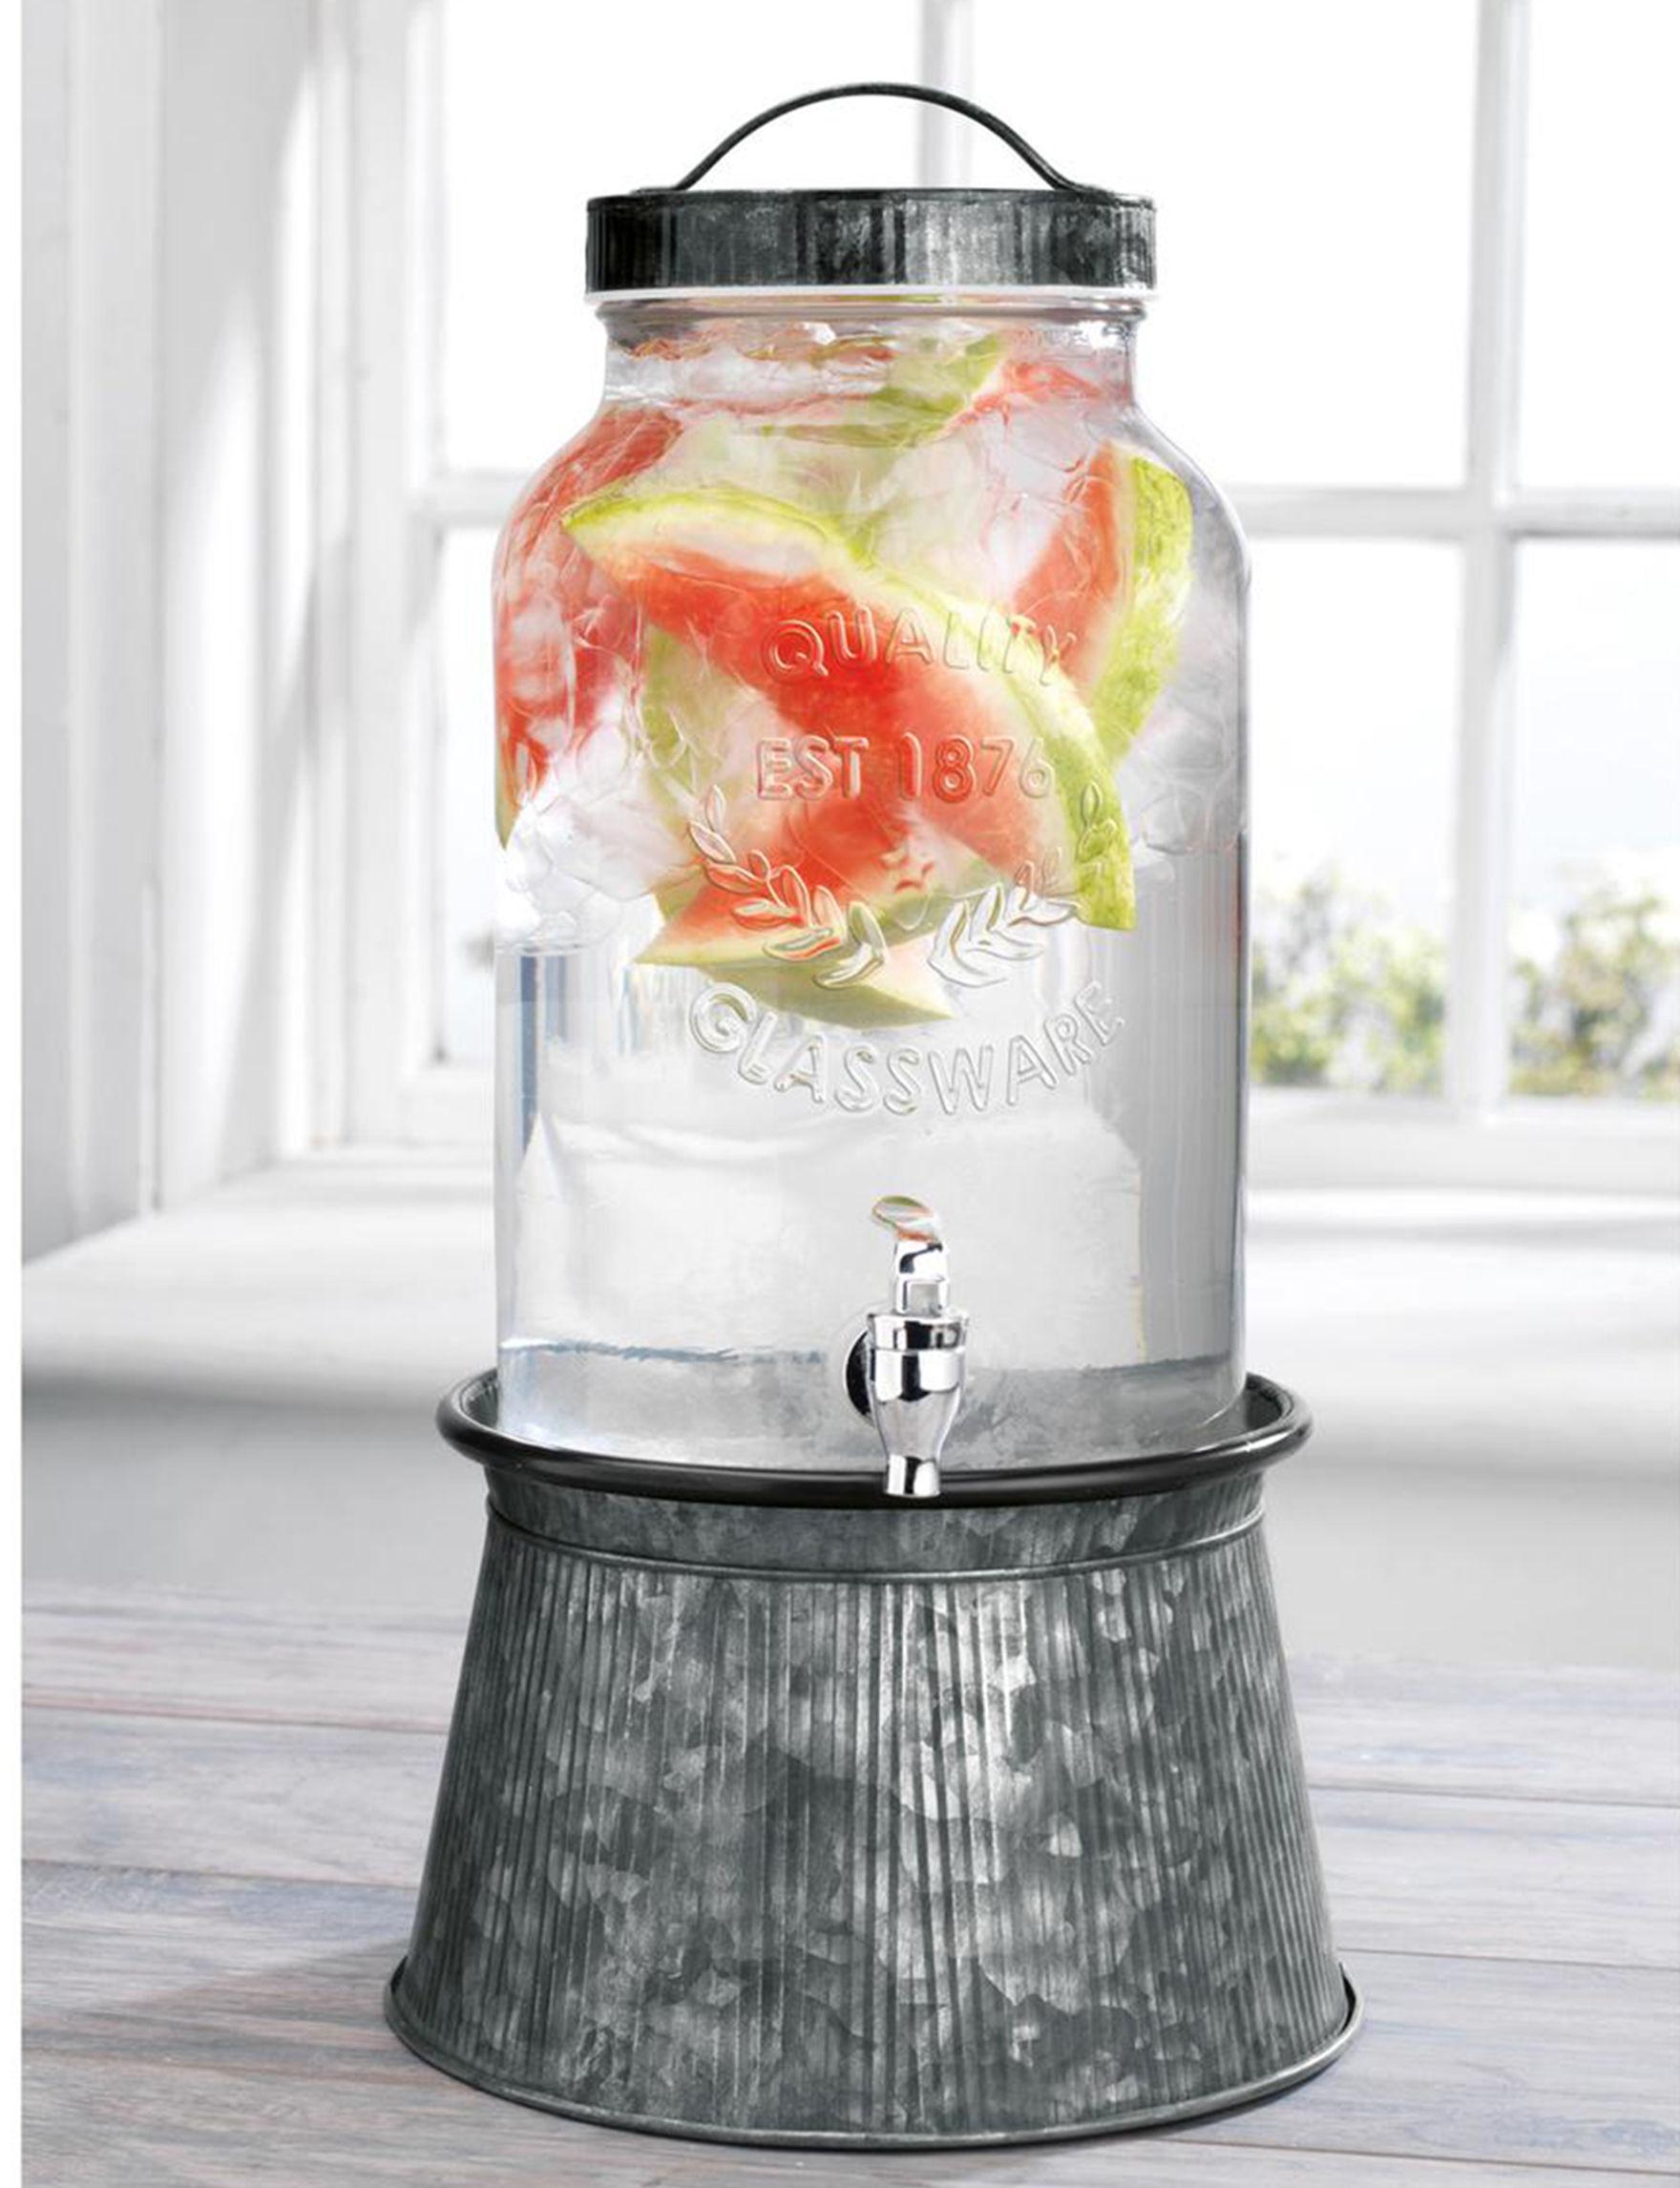 Home Essentials Metal Beverage Dispensers & Tubs Drinkware